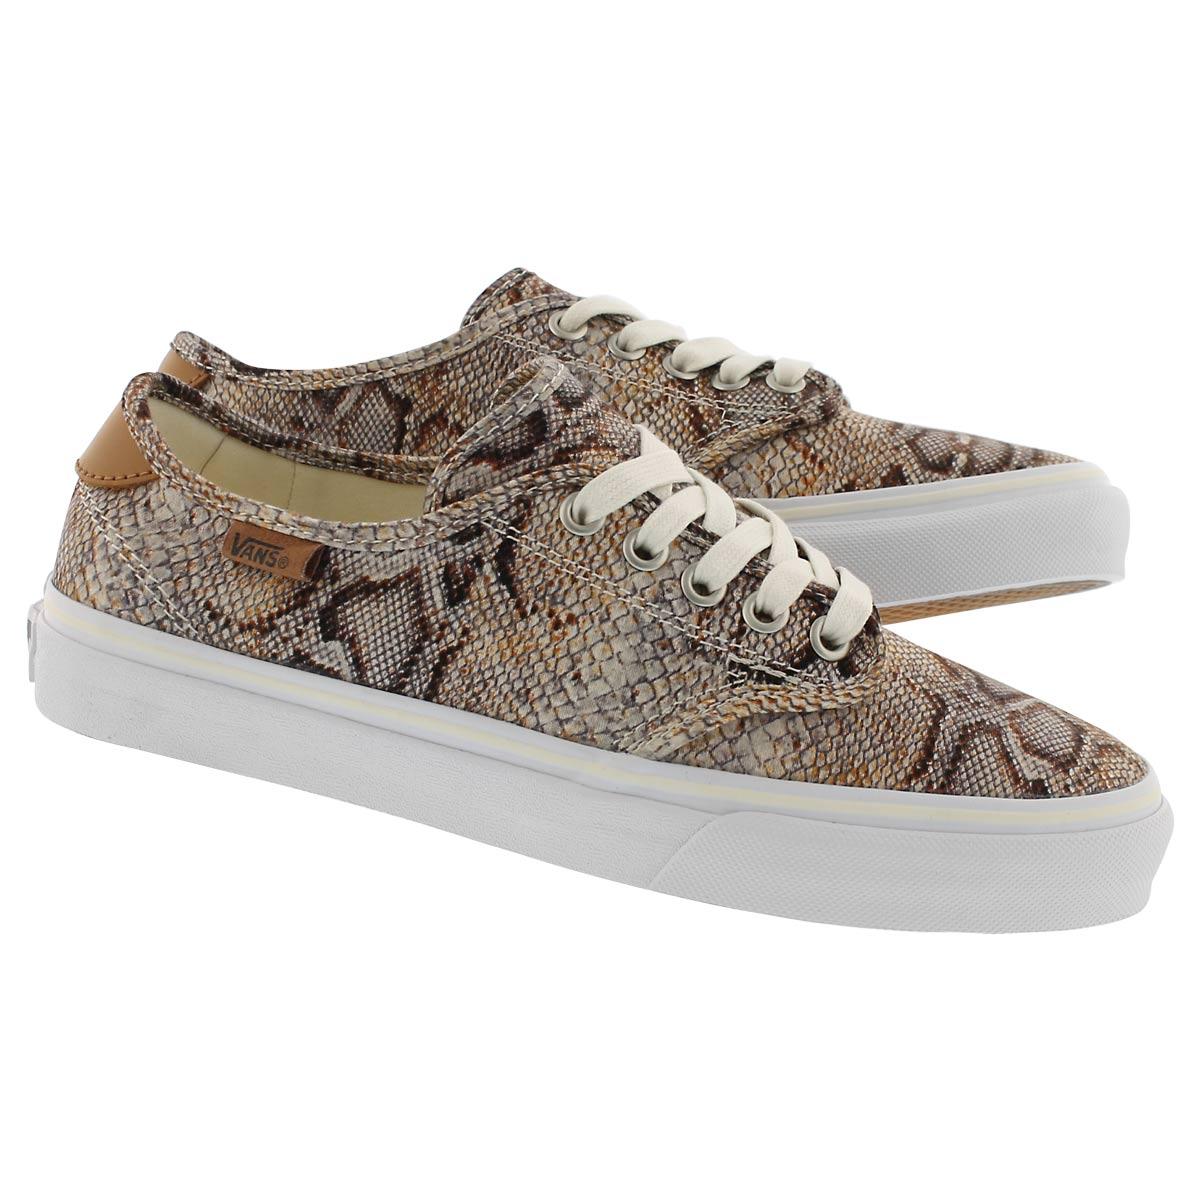 Lds Camden Deluxe snake laceup sneaker